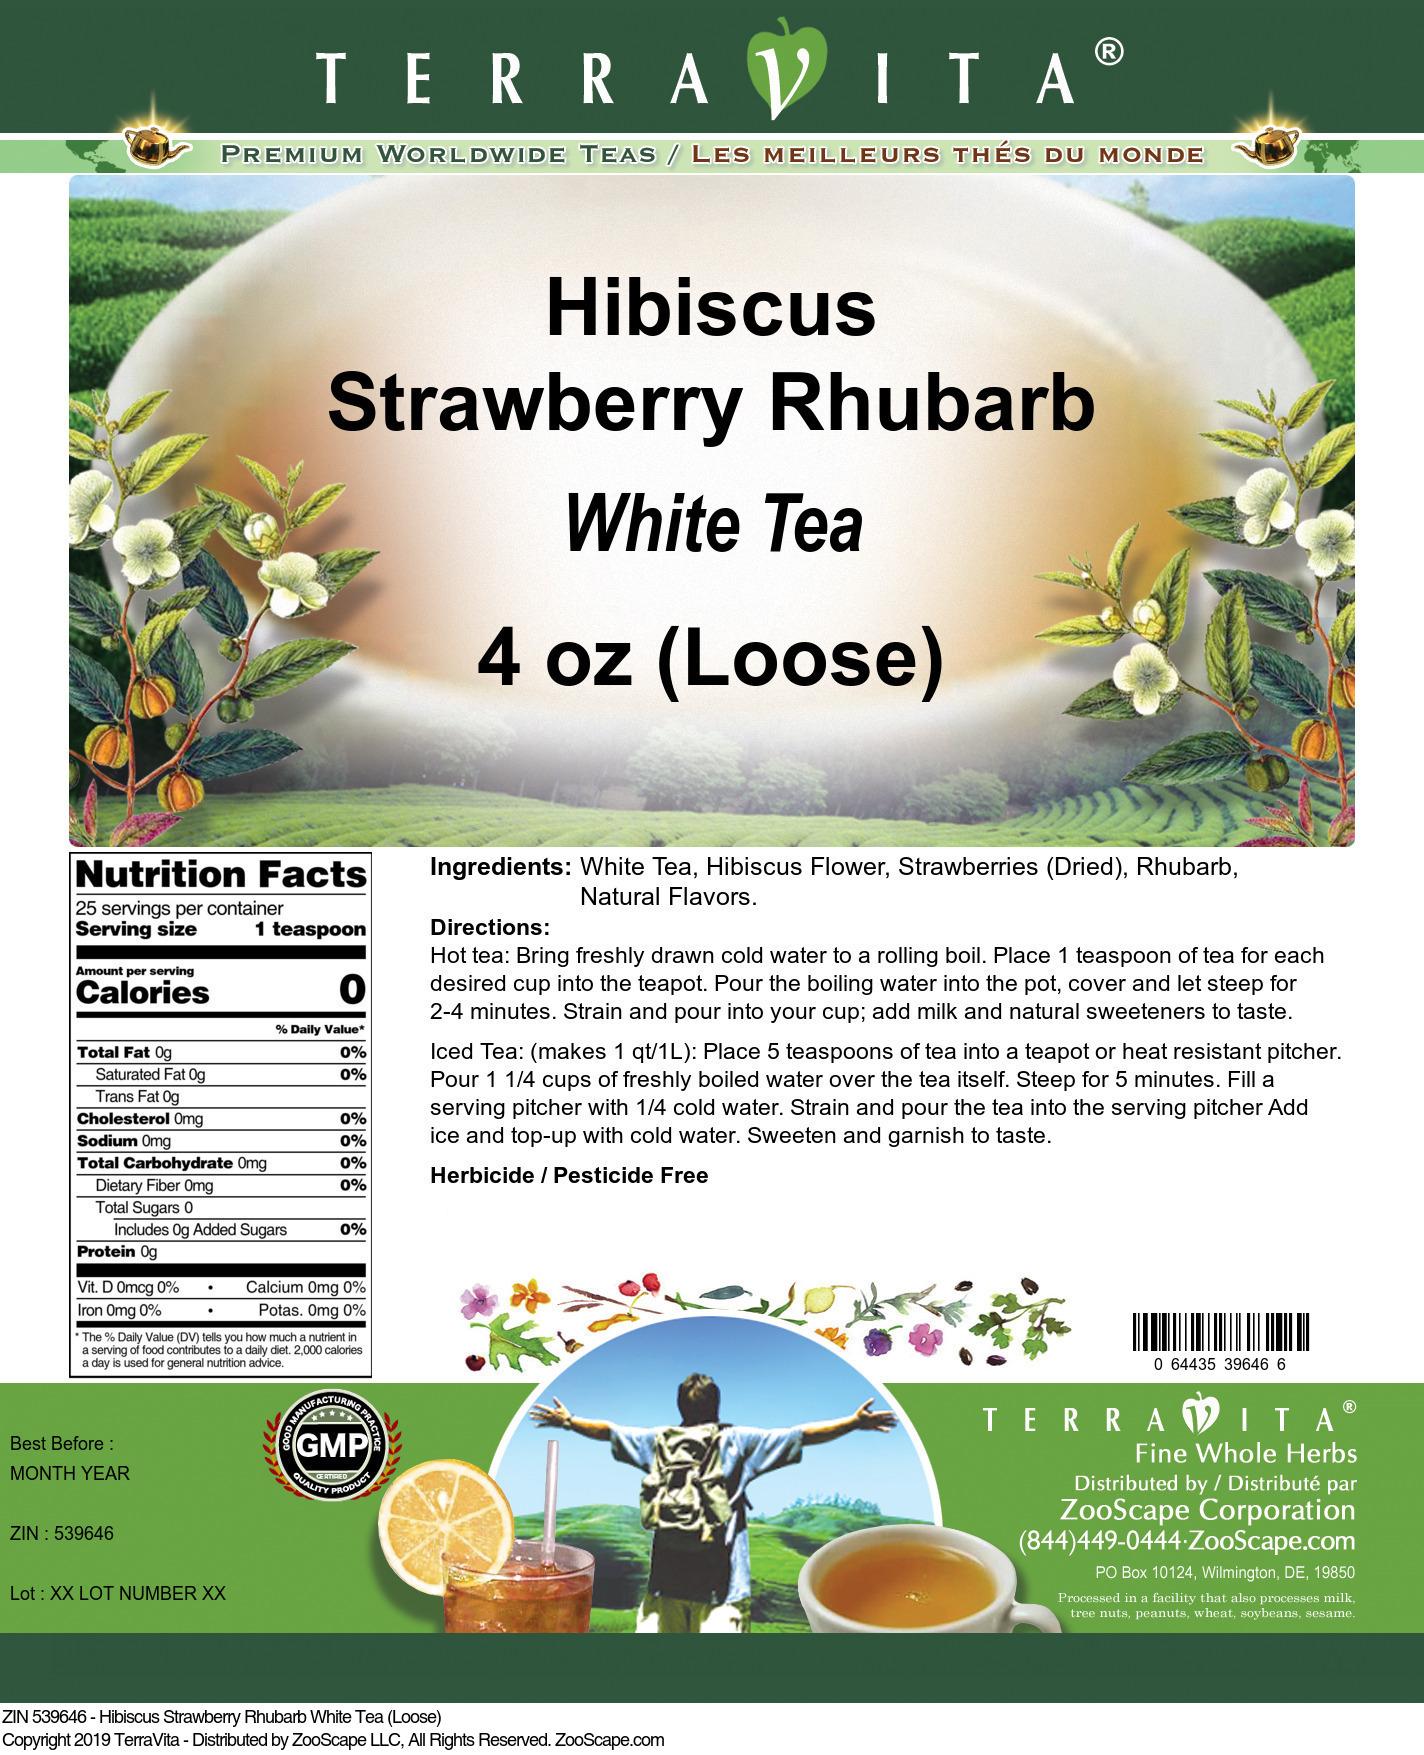 Hibiscus Strawberry Rhubarb White Tea (Loose)